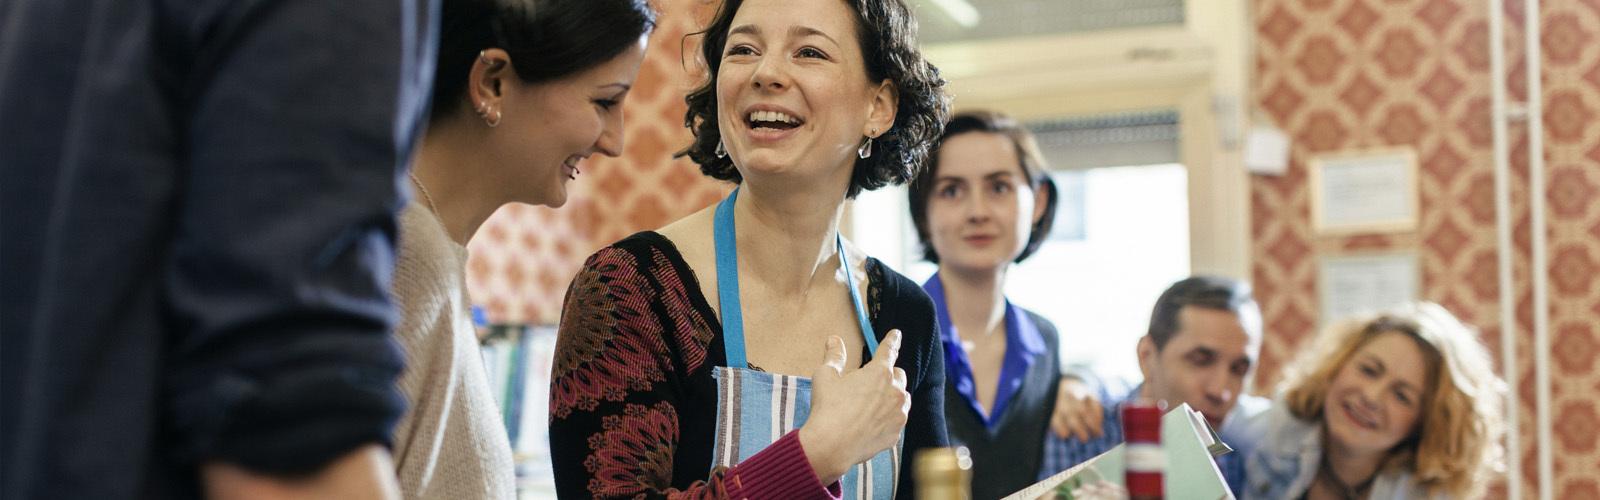 Egy főzőoktató hölgy kíváncsi tanulók gyűrűjében a konyhában